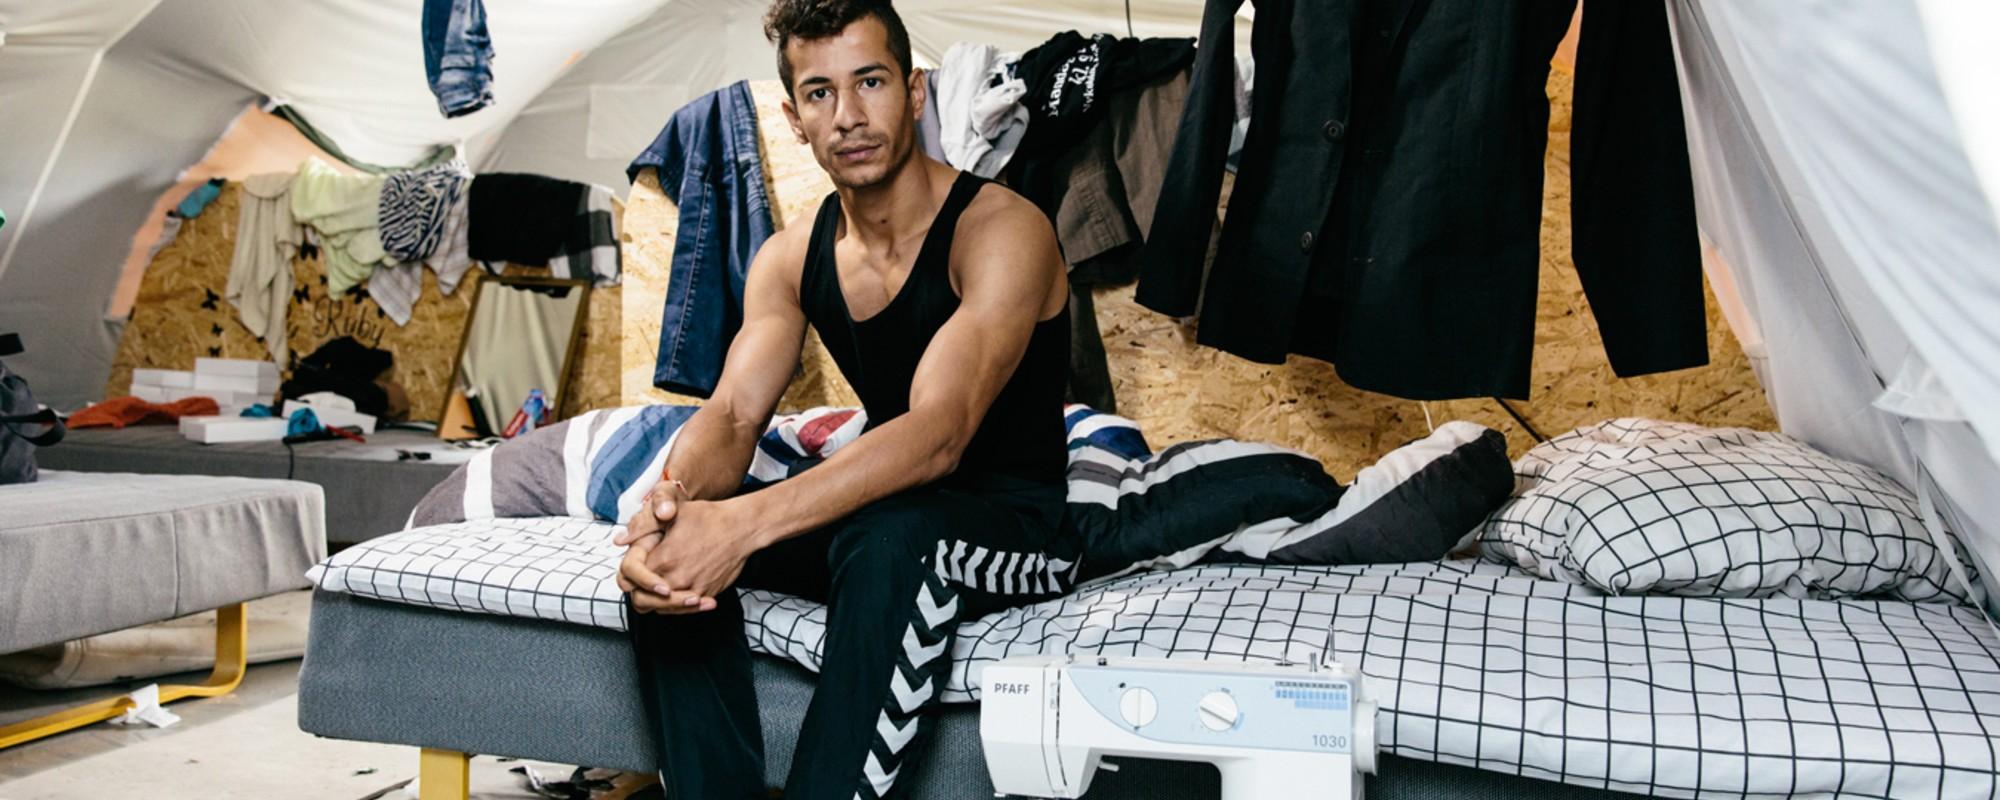 Billeder fra Danmarks mest udskældte asyllejr lige før lukketid